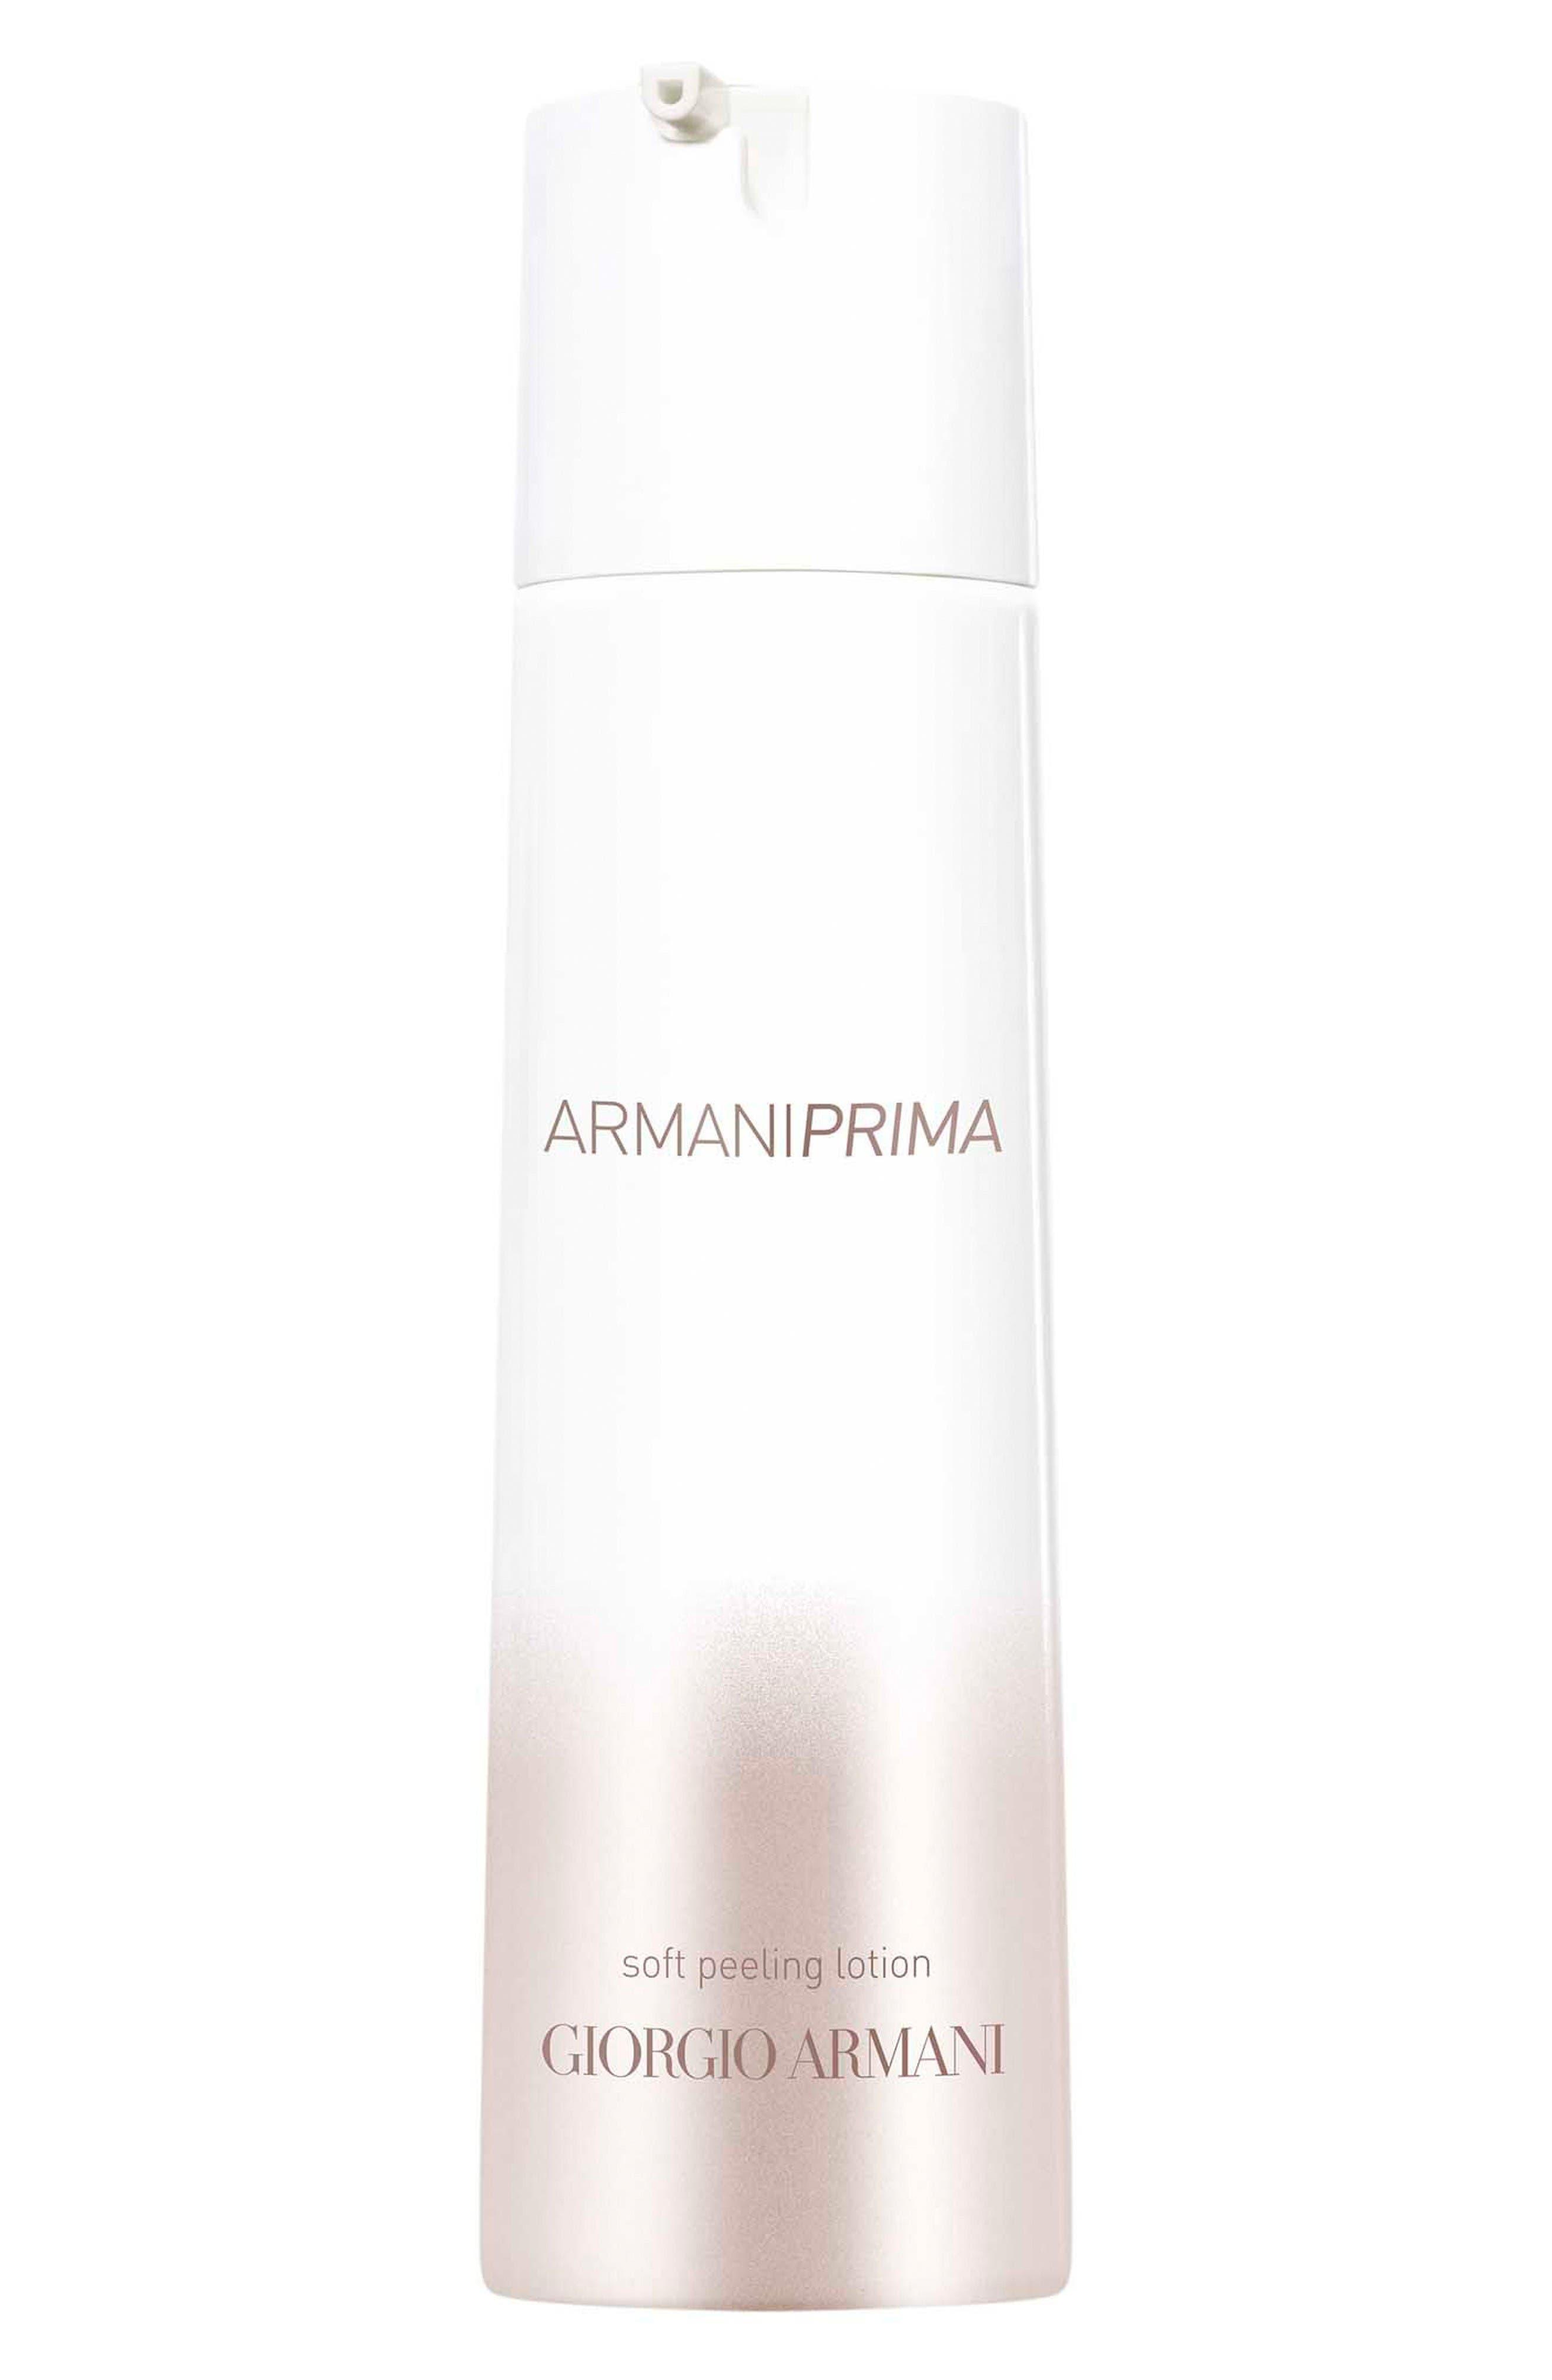 Main Image - Giorgio Armani Prima Soft Peeling Lotion